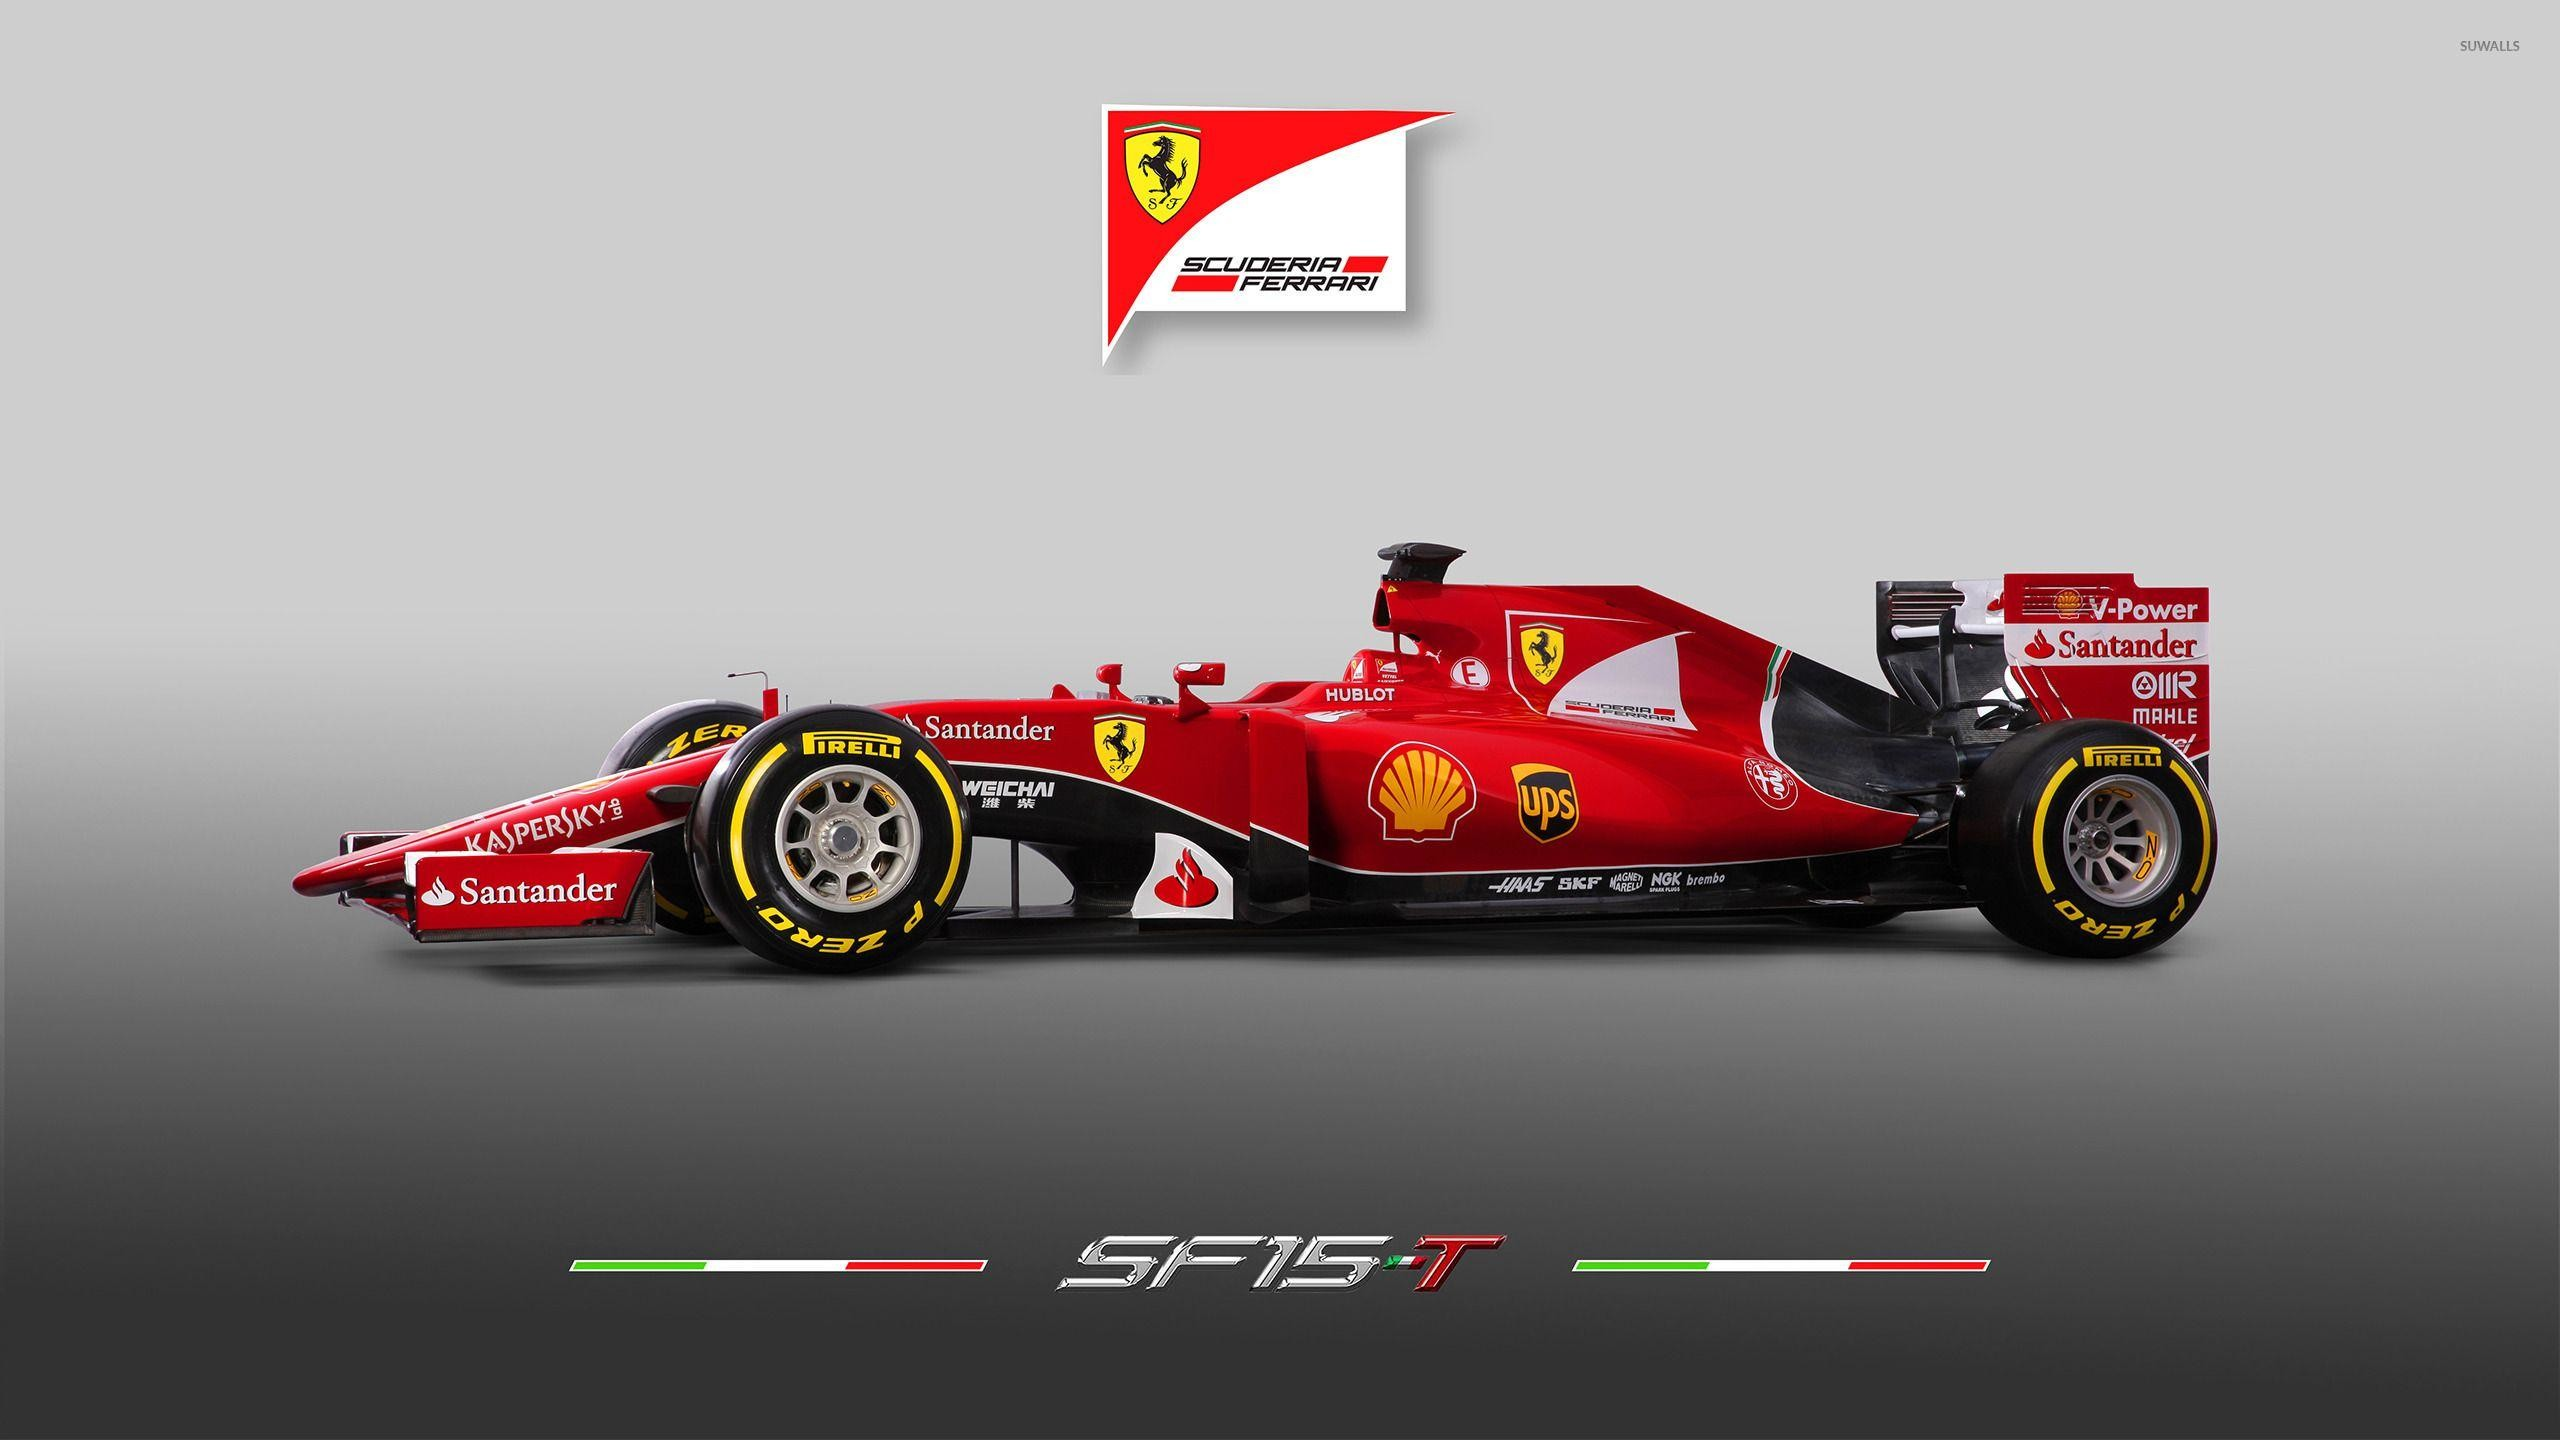 Fernando Alonso During A Race In A Scuderia Ferrari Scuderia Ferrari 109655 Hd Wallpaper Backgrounds Download